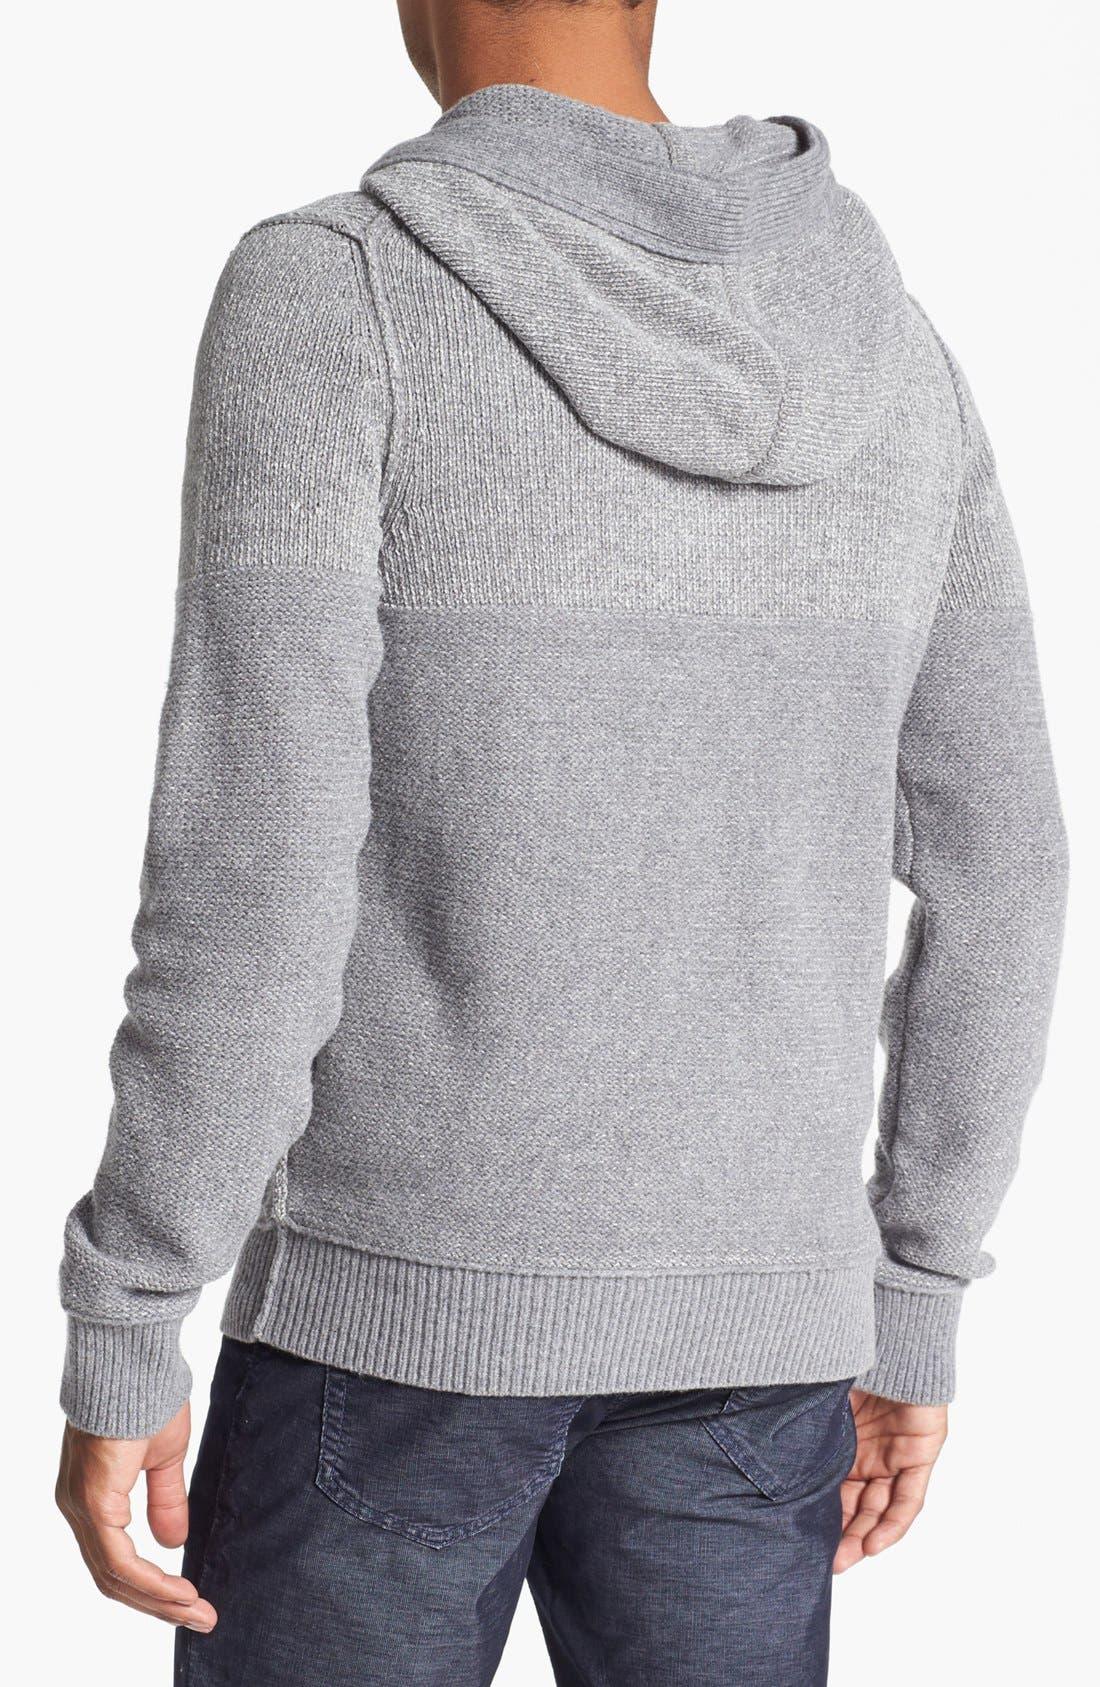 'Karsone' Hooded Sweater,                             Alternate thumbnail 2, color,                             051